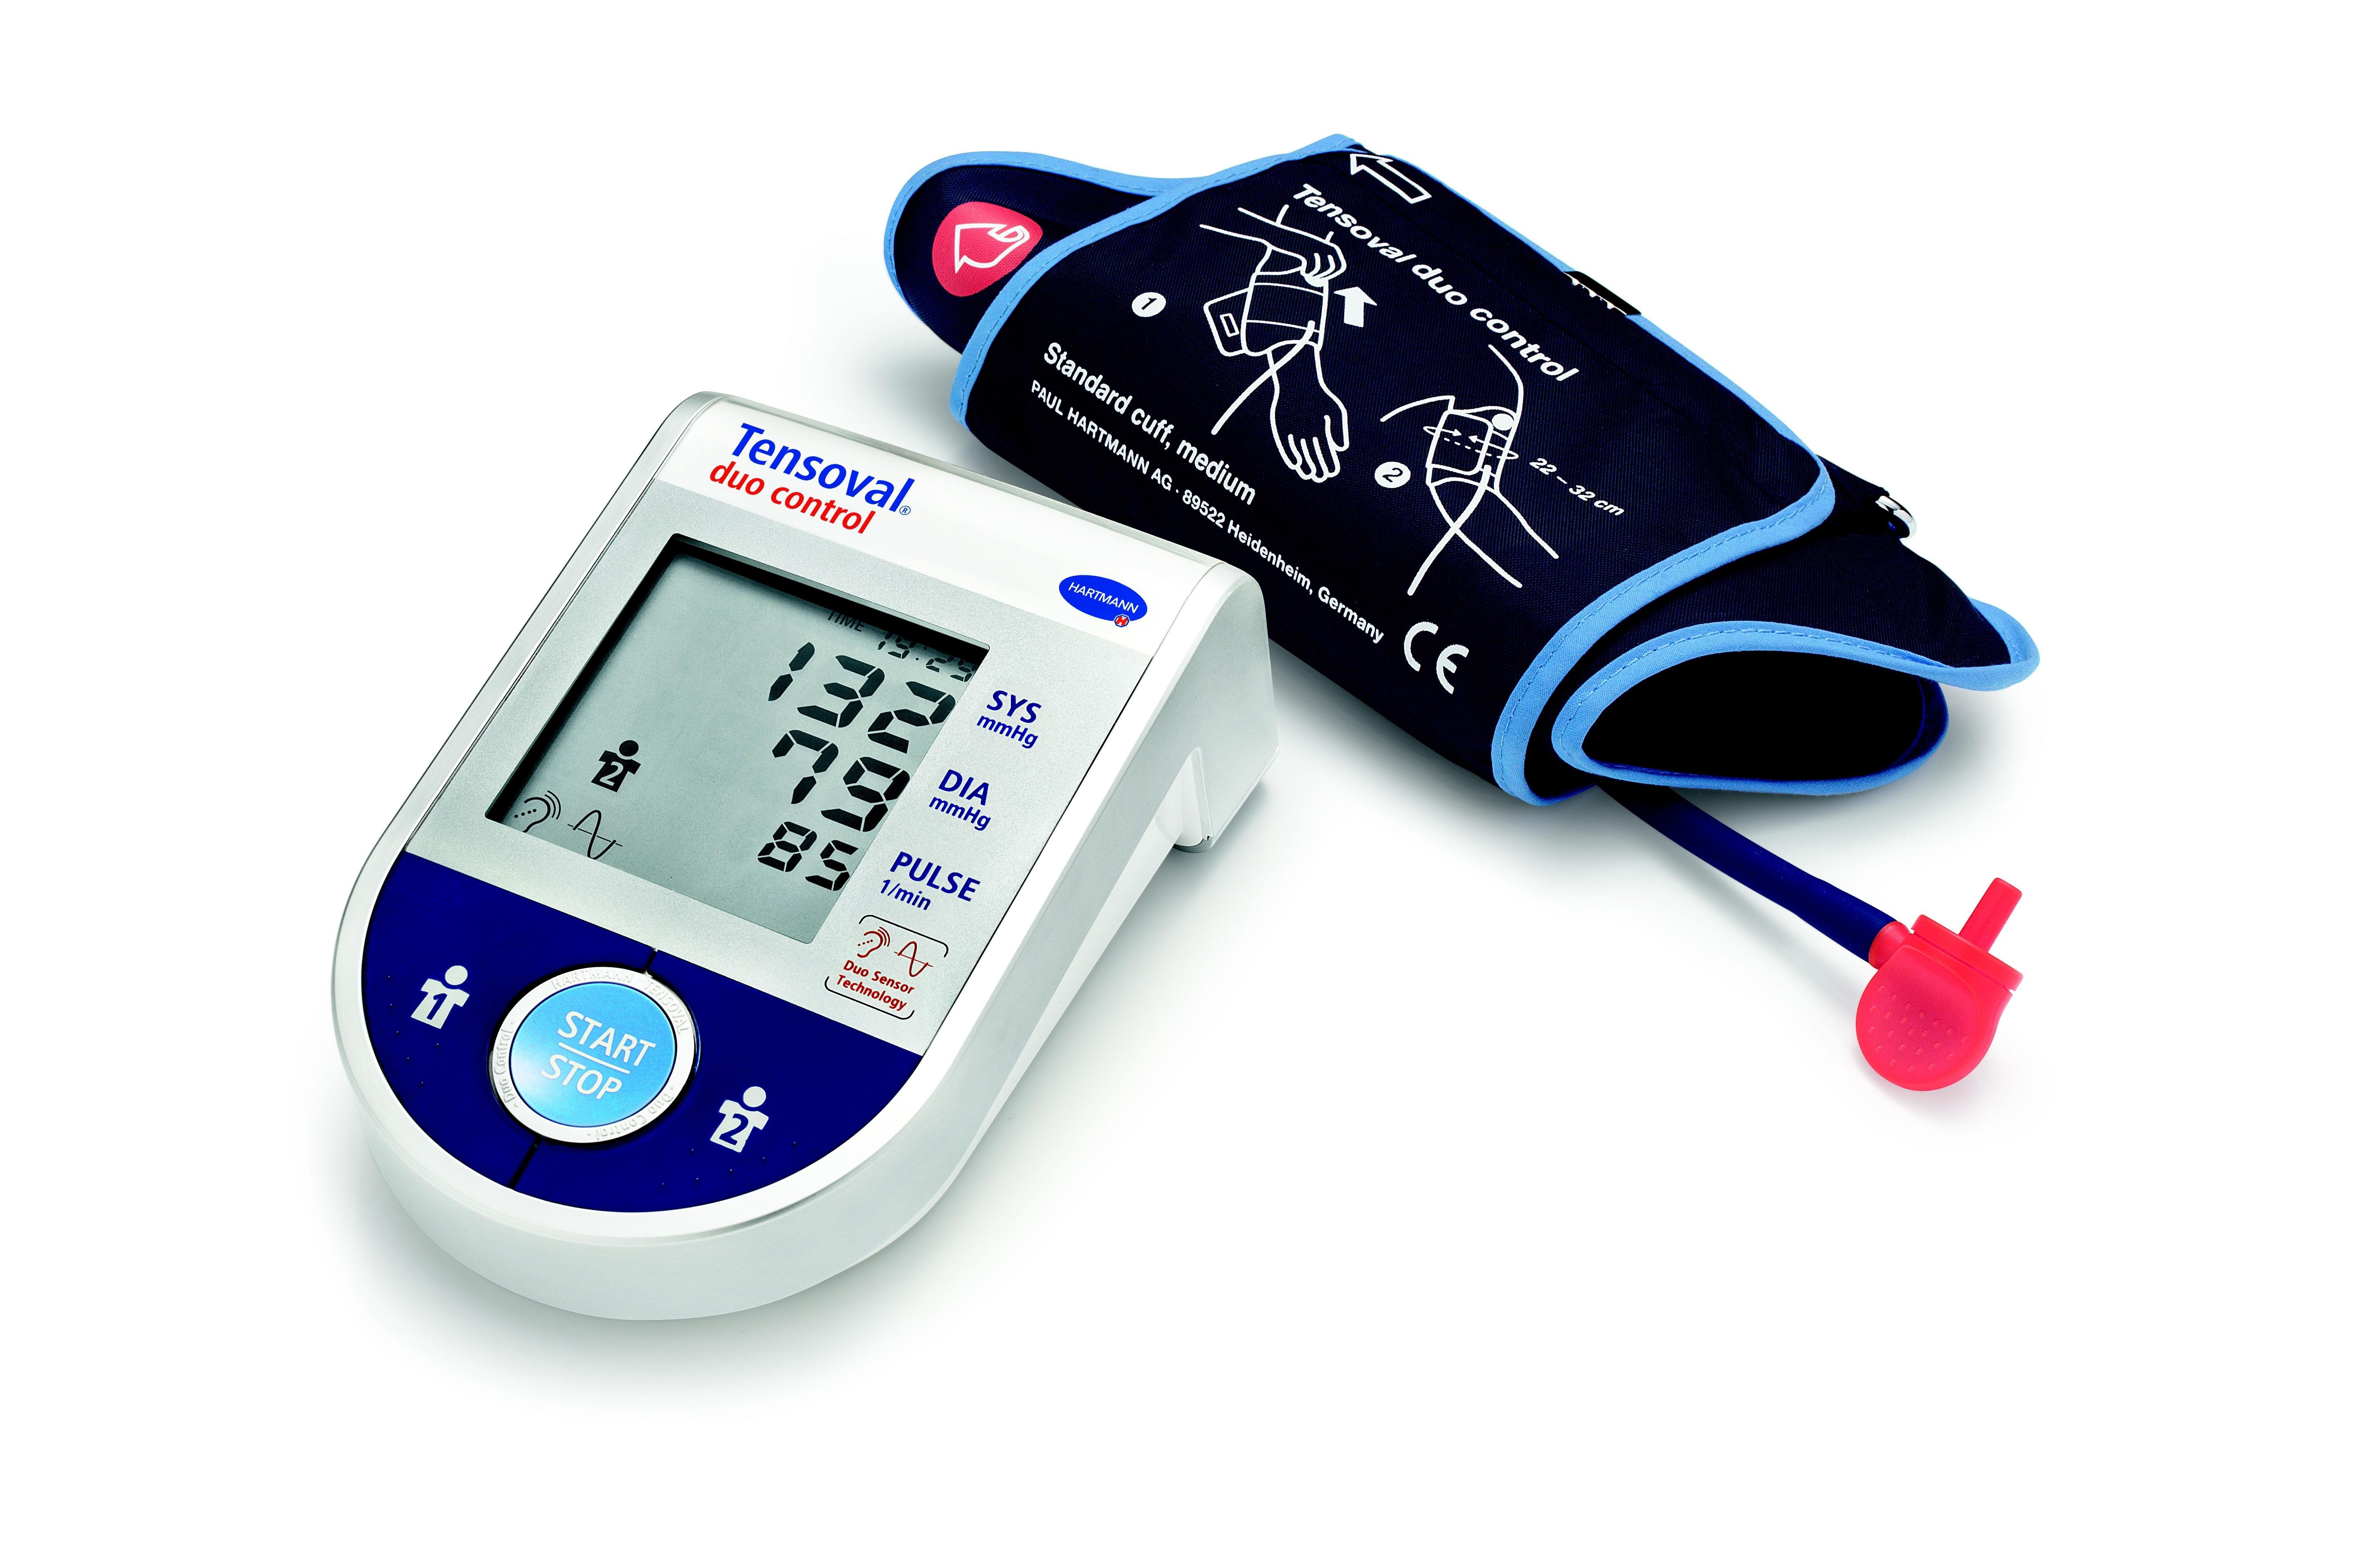 Digitální tonometr Tensoval duo control s technologií Duo Sensor, která měří stejně jako rtuťové tlakoměry